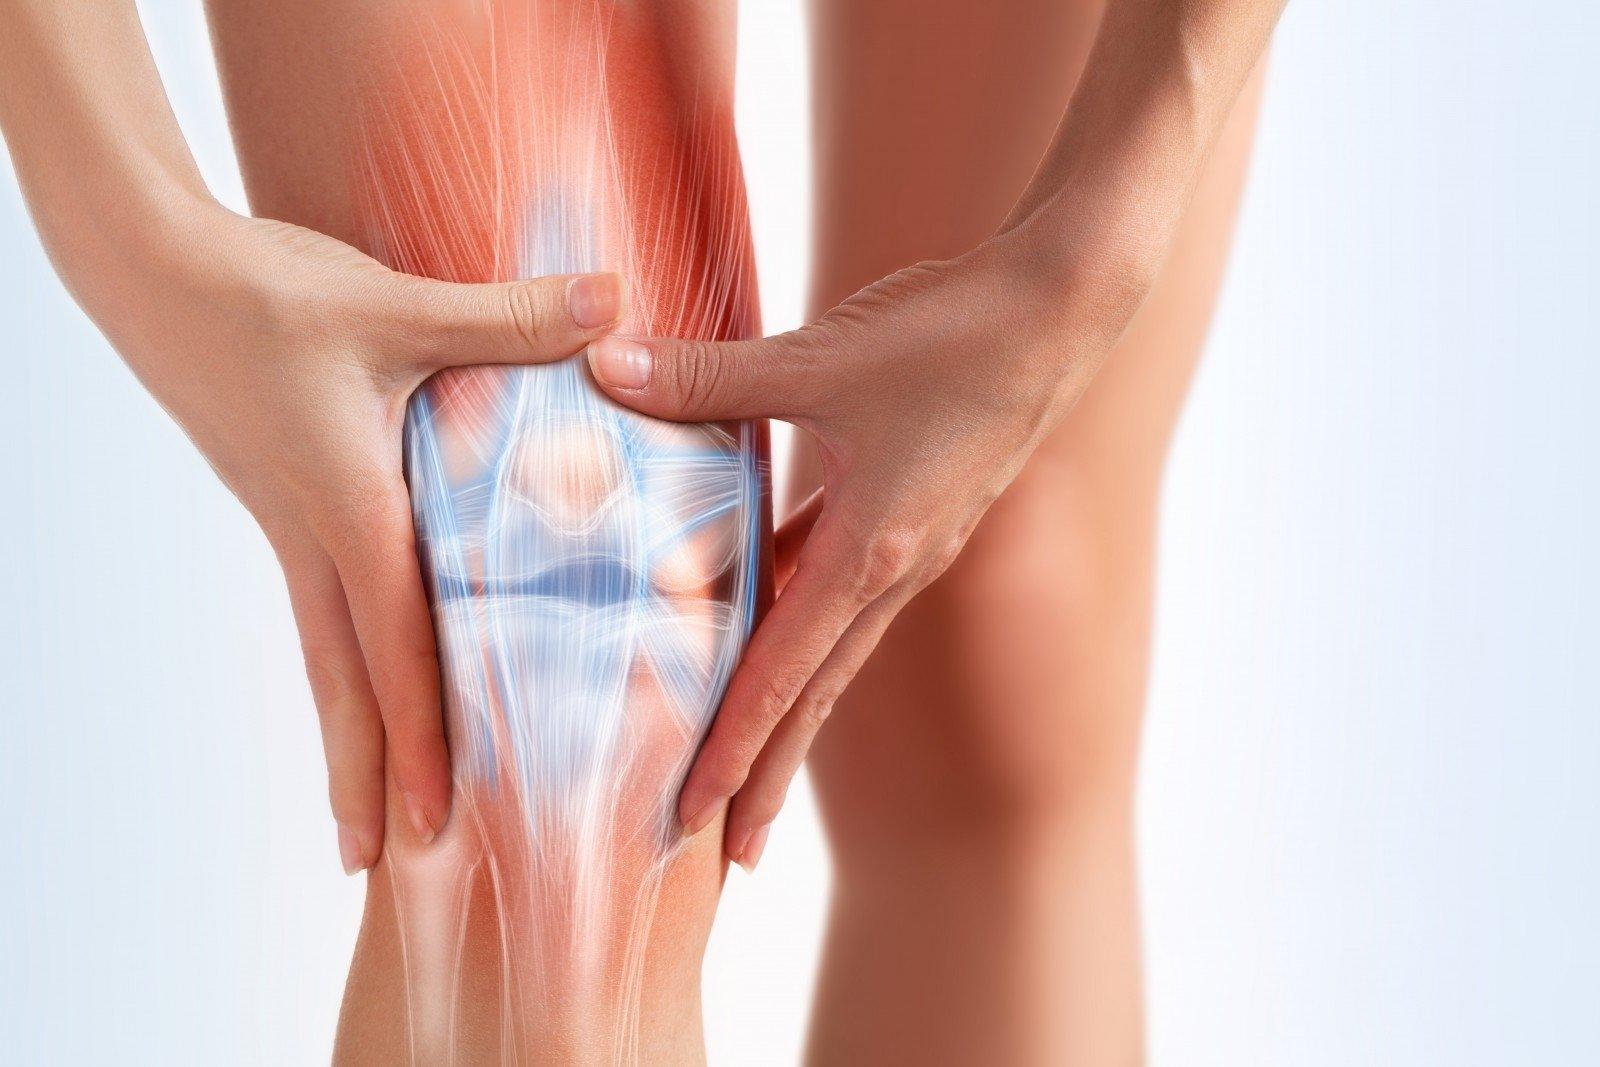 skauda visus mažus ir didelius sąnarius peržiūros nuo nemigos osteochondrozės metu